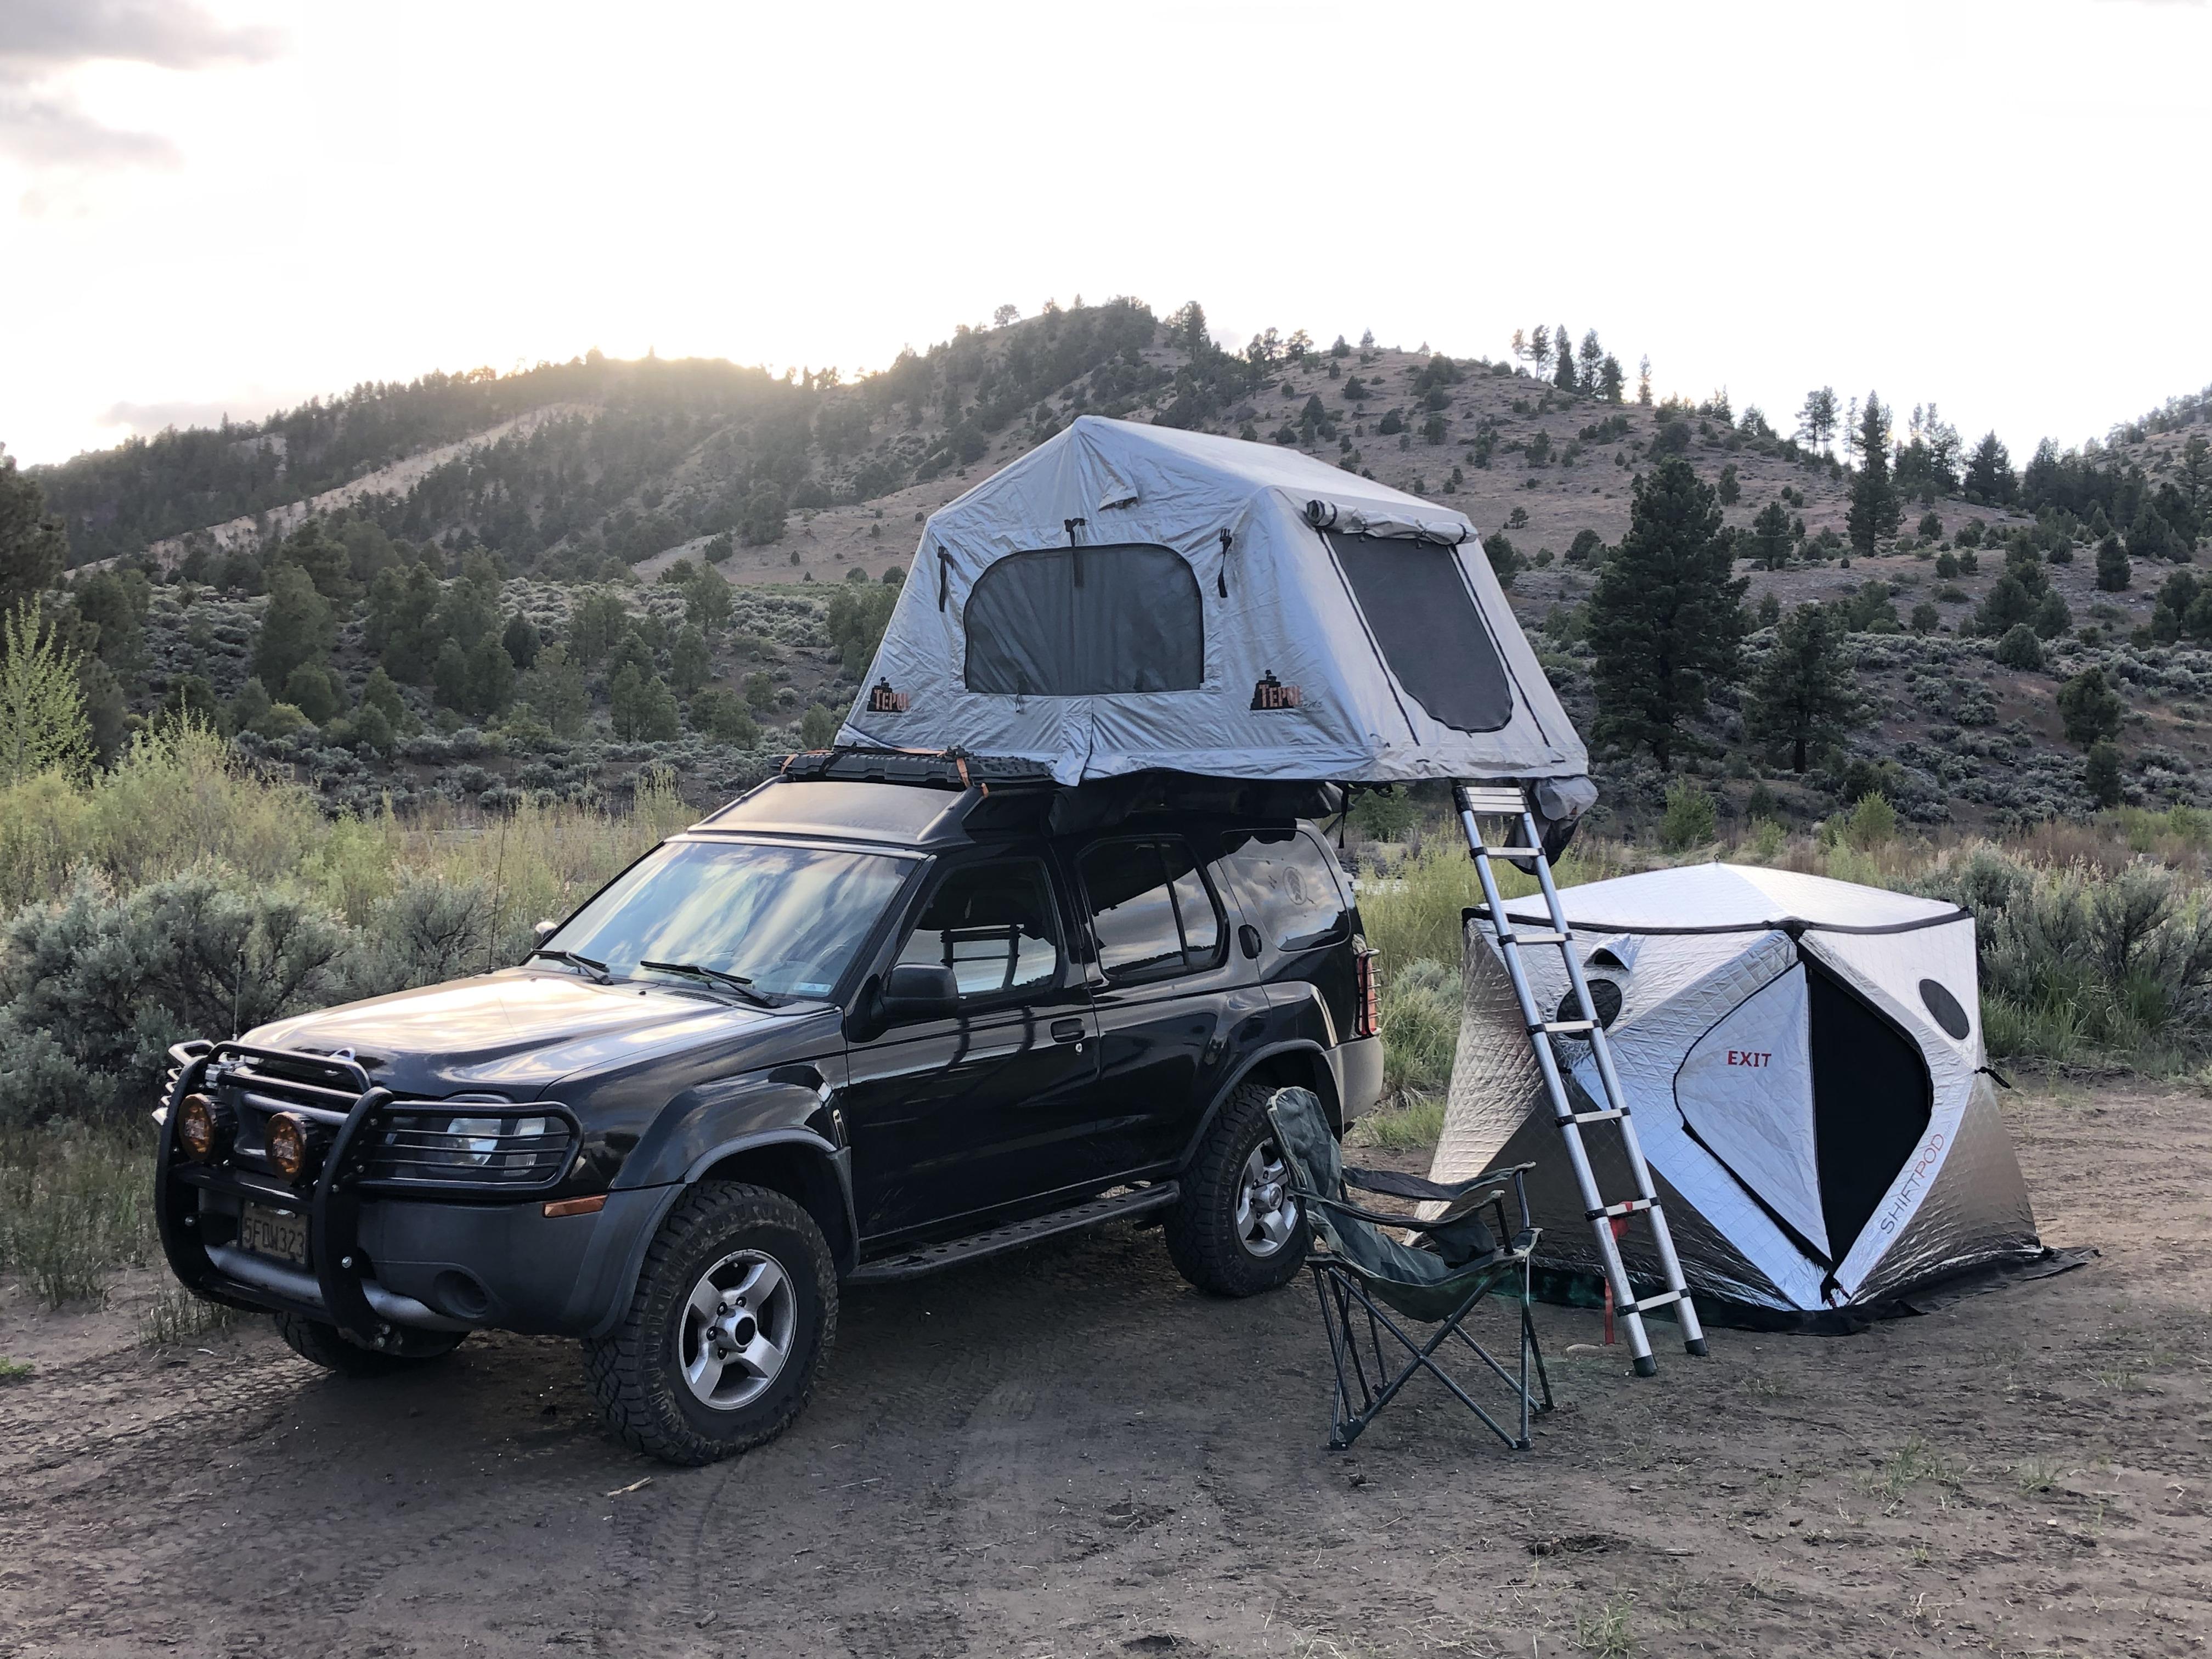 2004 Nissan Xterra Truck Camper Rental In El Sobrante Ca Outdoorsy